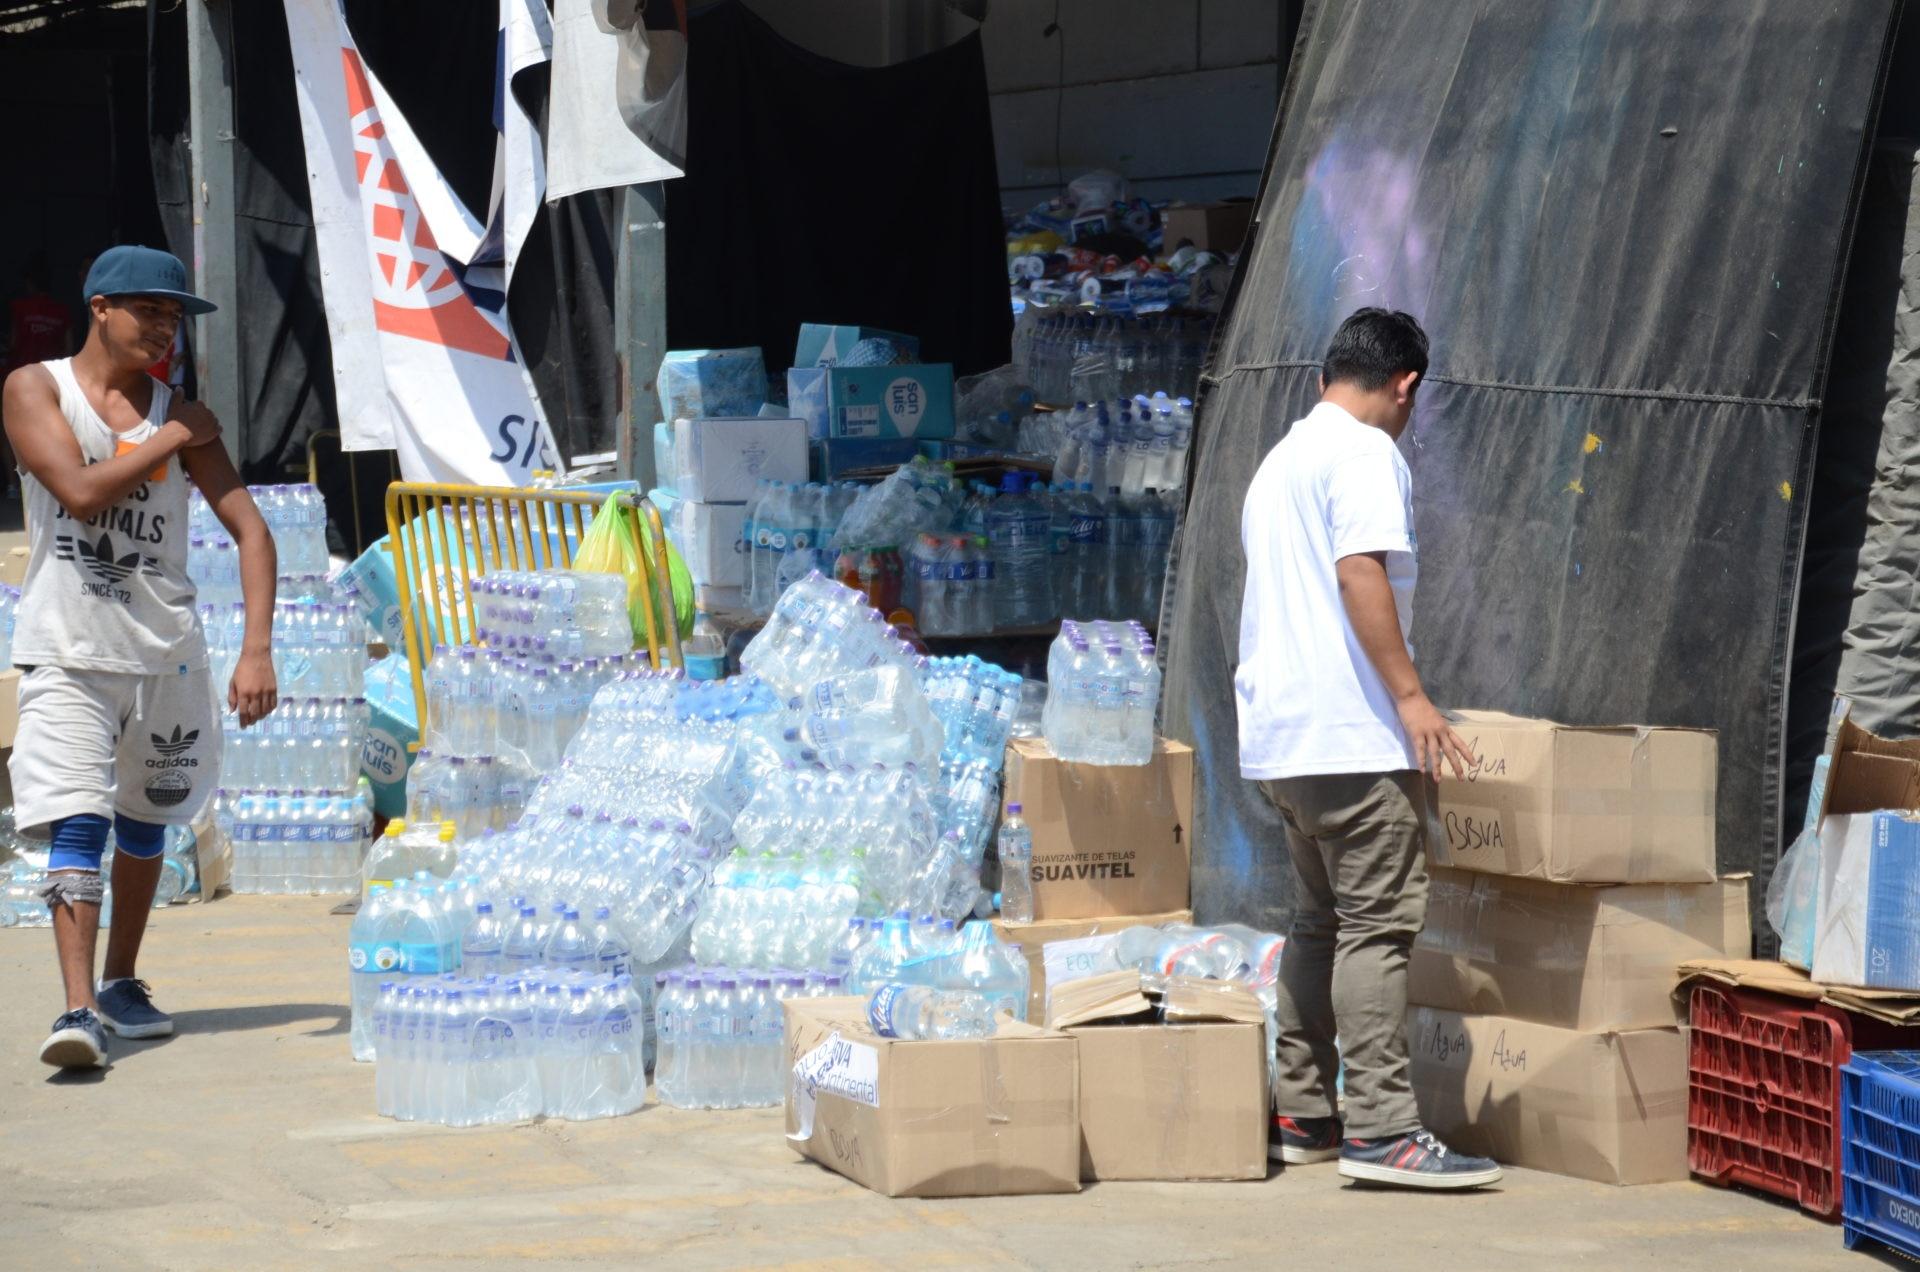 fotografia de inundaciones donaciones botellas peru bbva